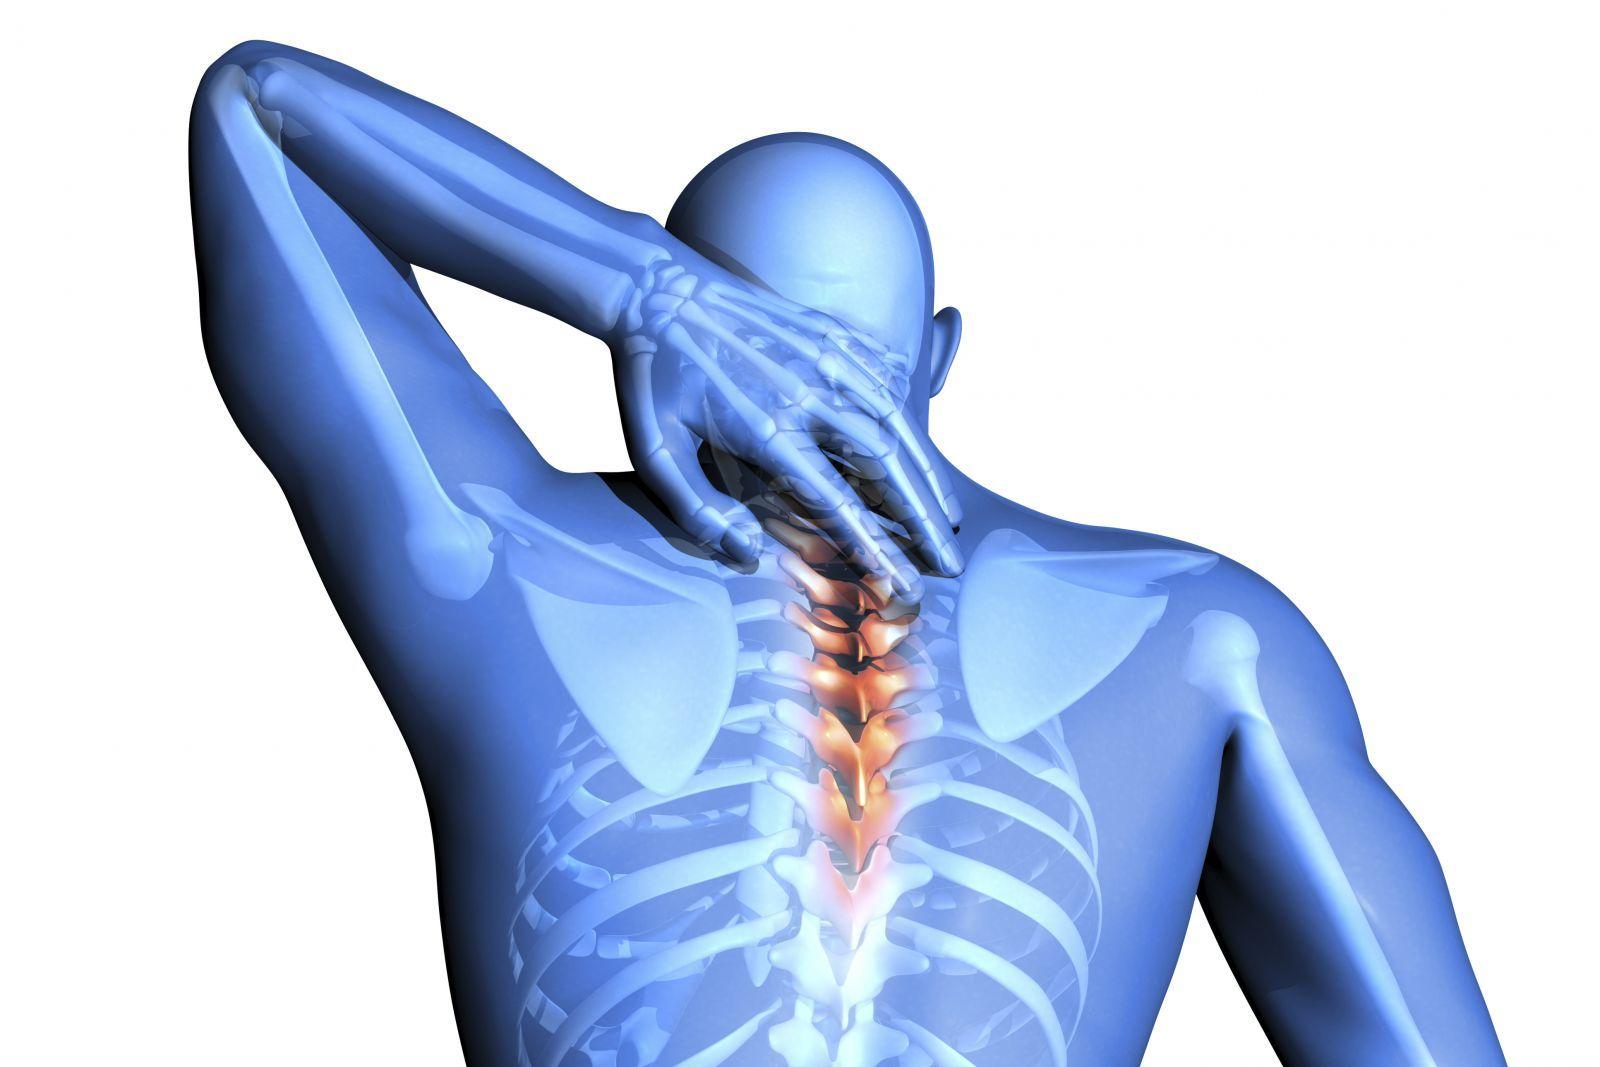 Невралгия шейного отдела: симптомы и способы лечения заболевания